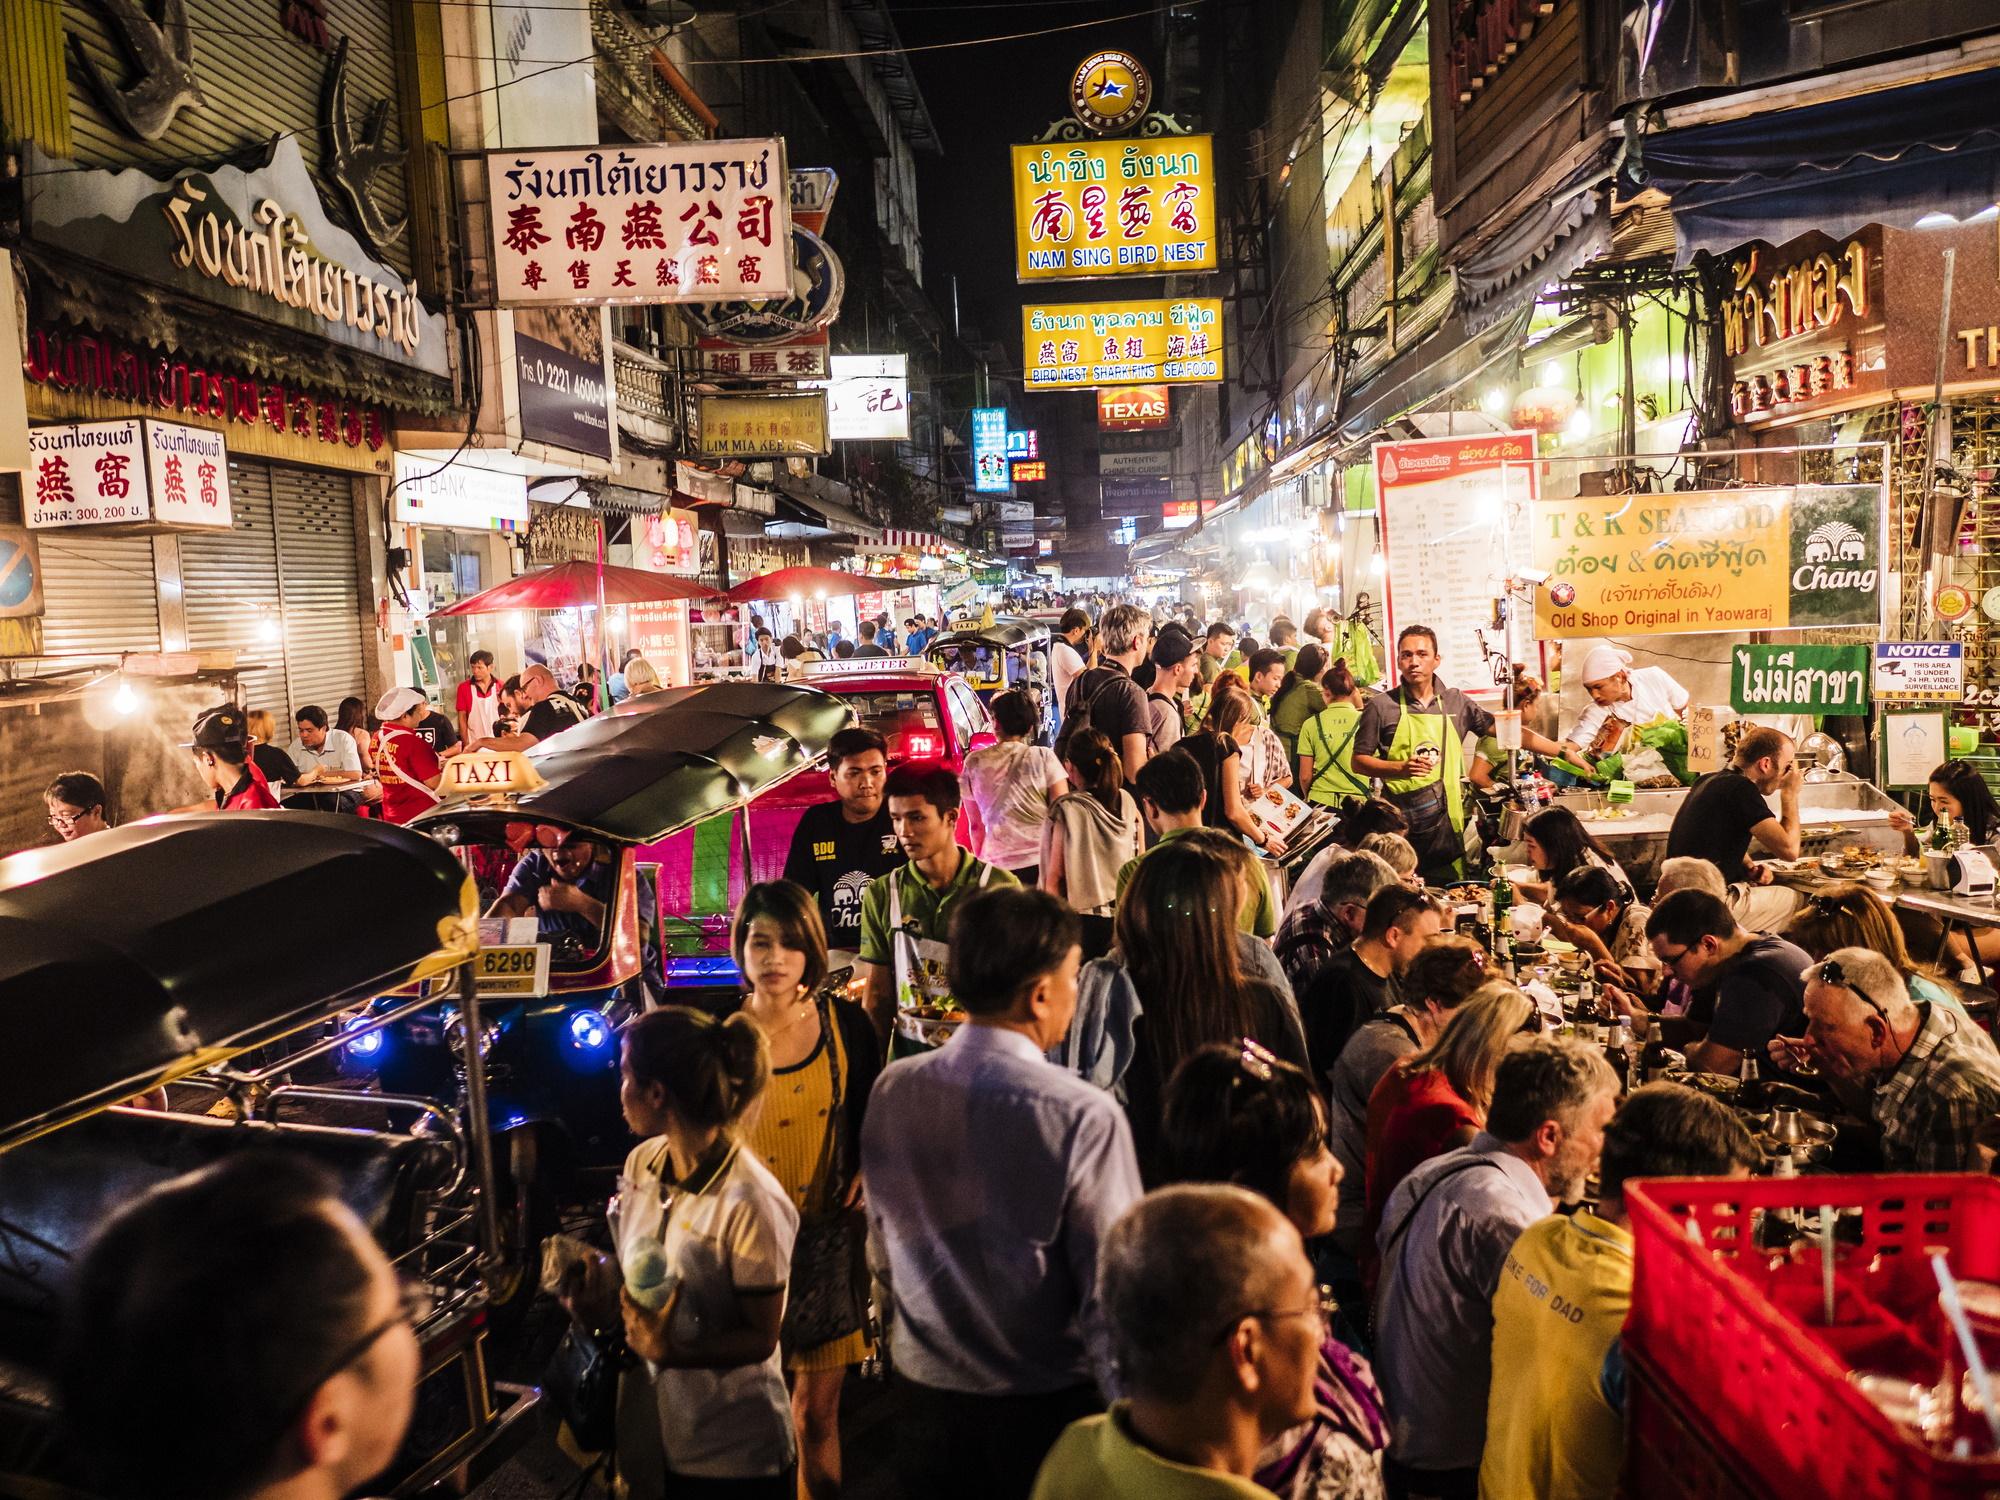 <p><strong>Банкок</strong></p>  <p>Столицата на Тайланд радва във всякакъв смисъл, от красивите храмове до незабравимите крайпътни заведения, така че е логично и нощният живот да не е&nbsp; еднообразен</p>